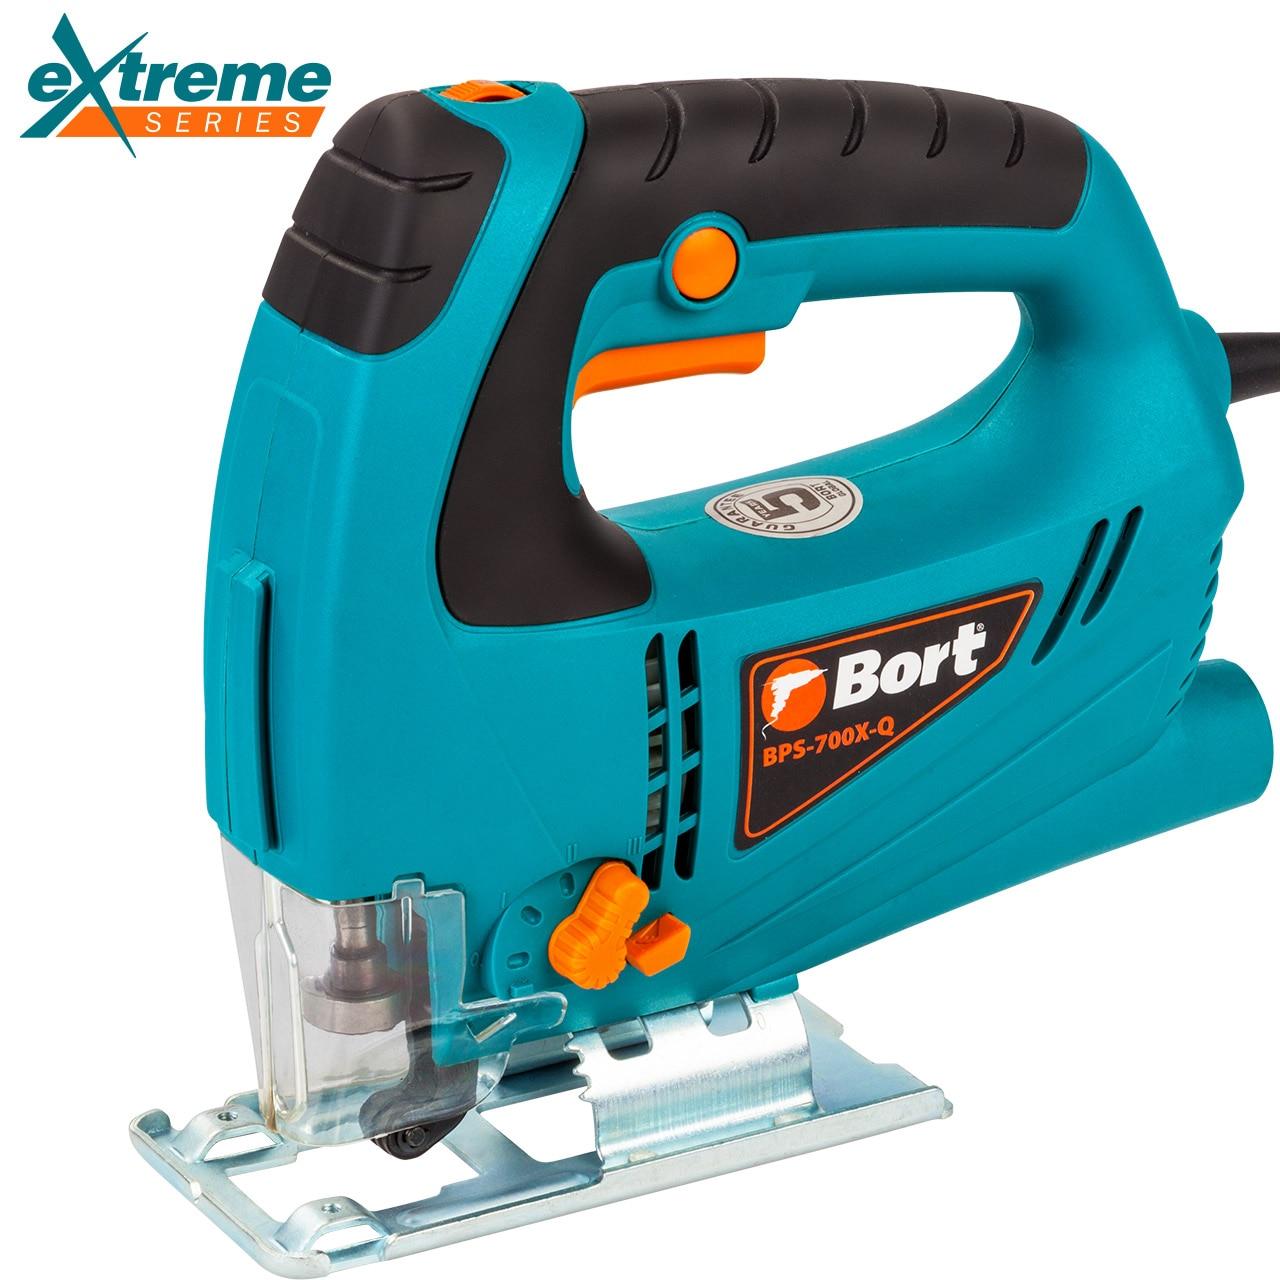 где купить Jig Saw electric Bort BPS-700X-Q по лучшей цене